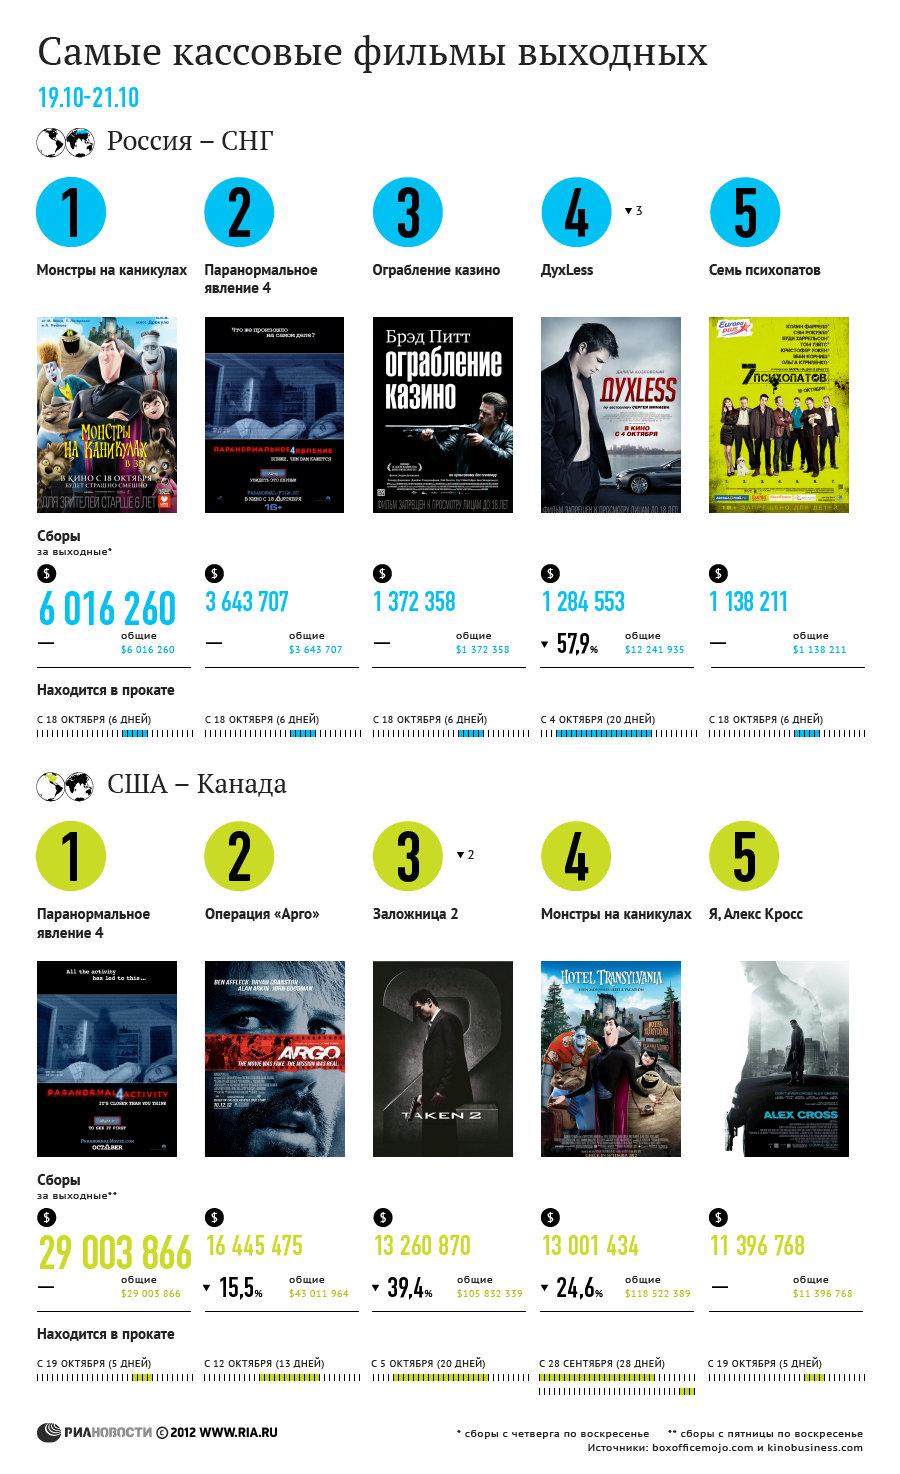 Самые кассовые фильмы выходных (19 - 21 октября)